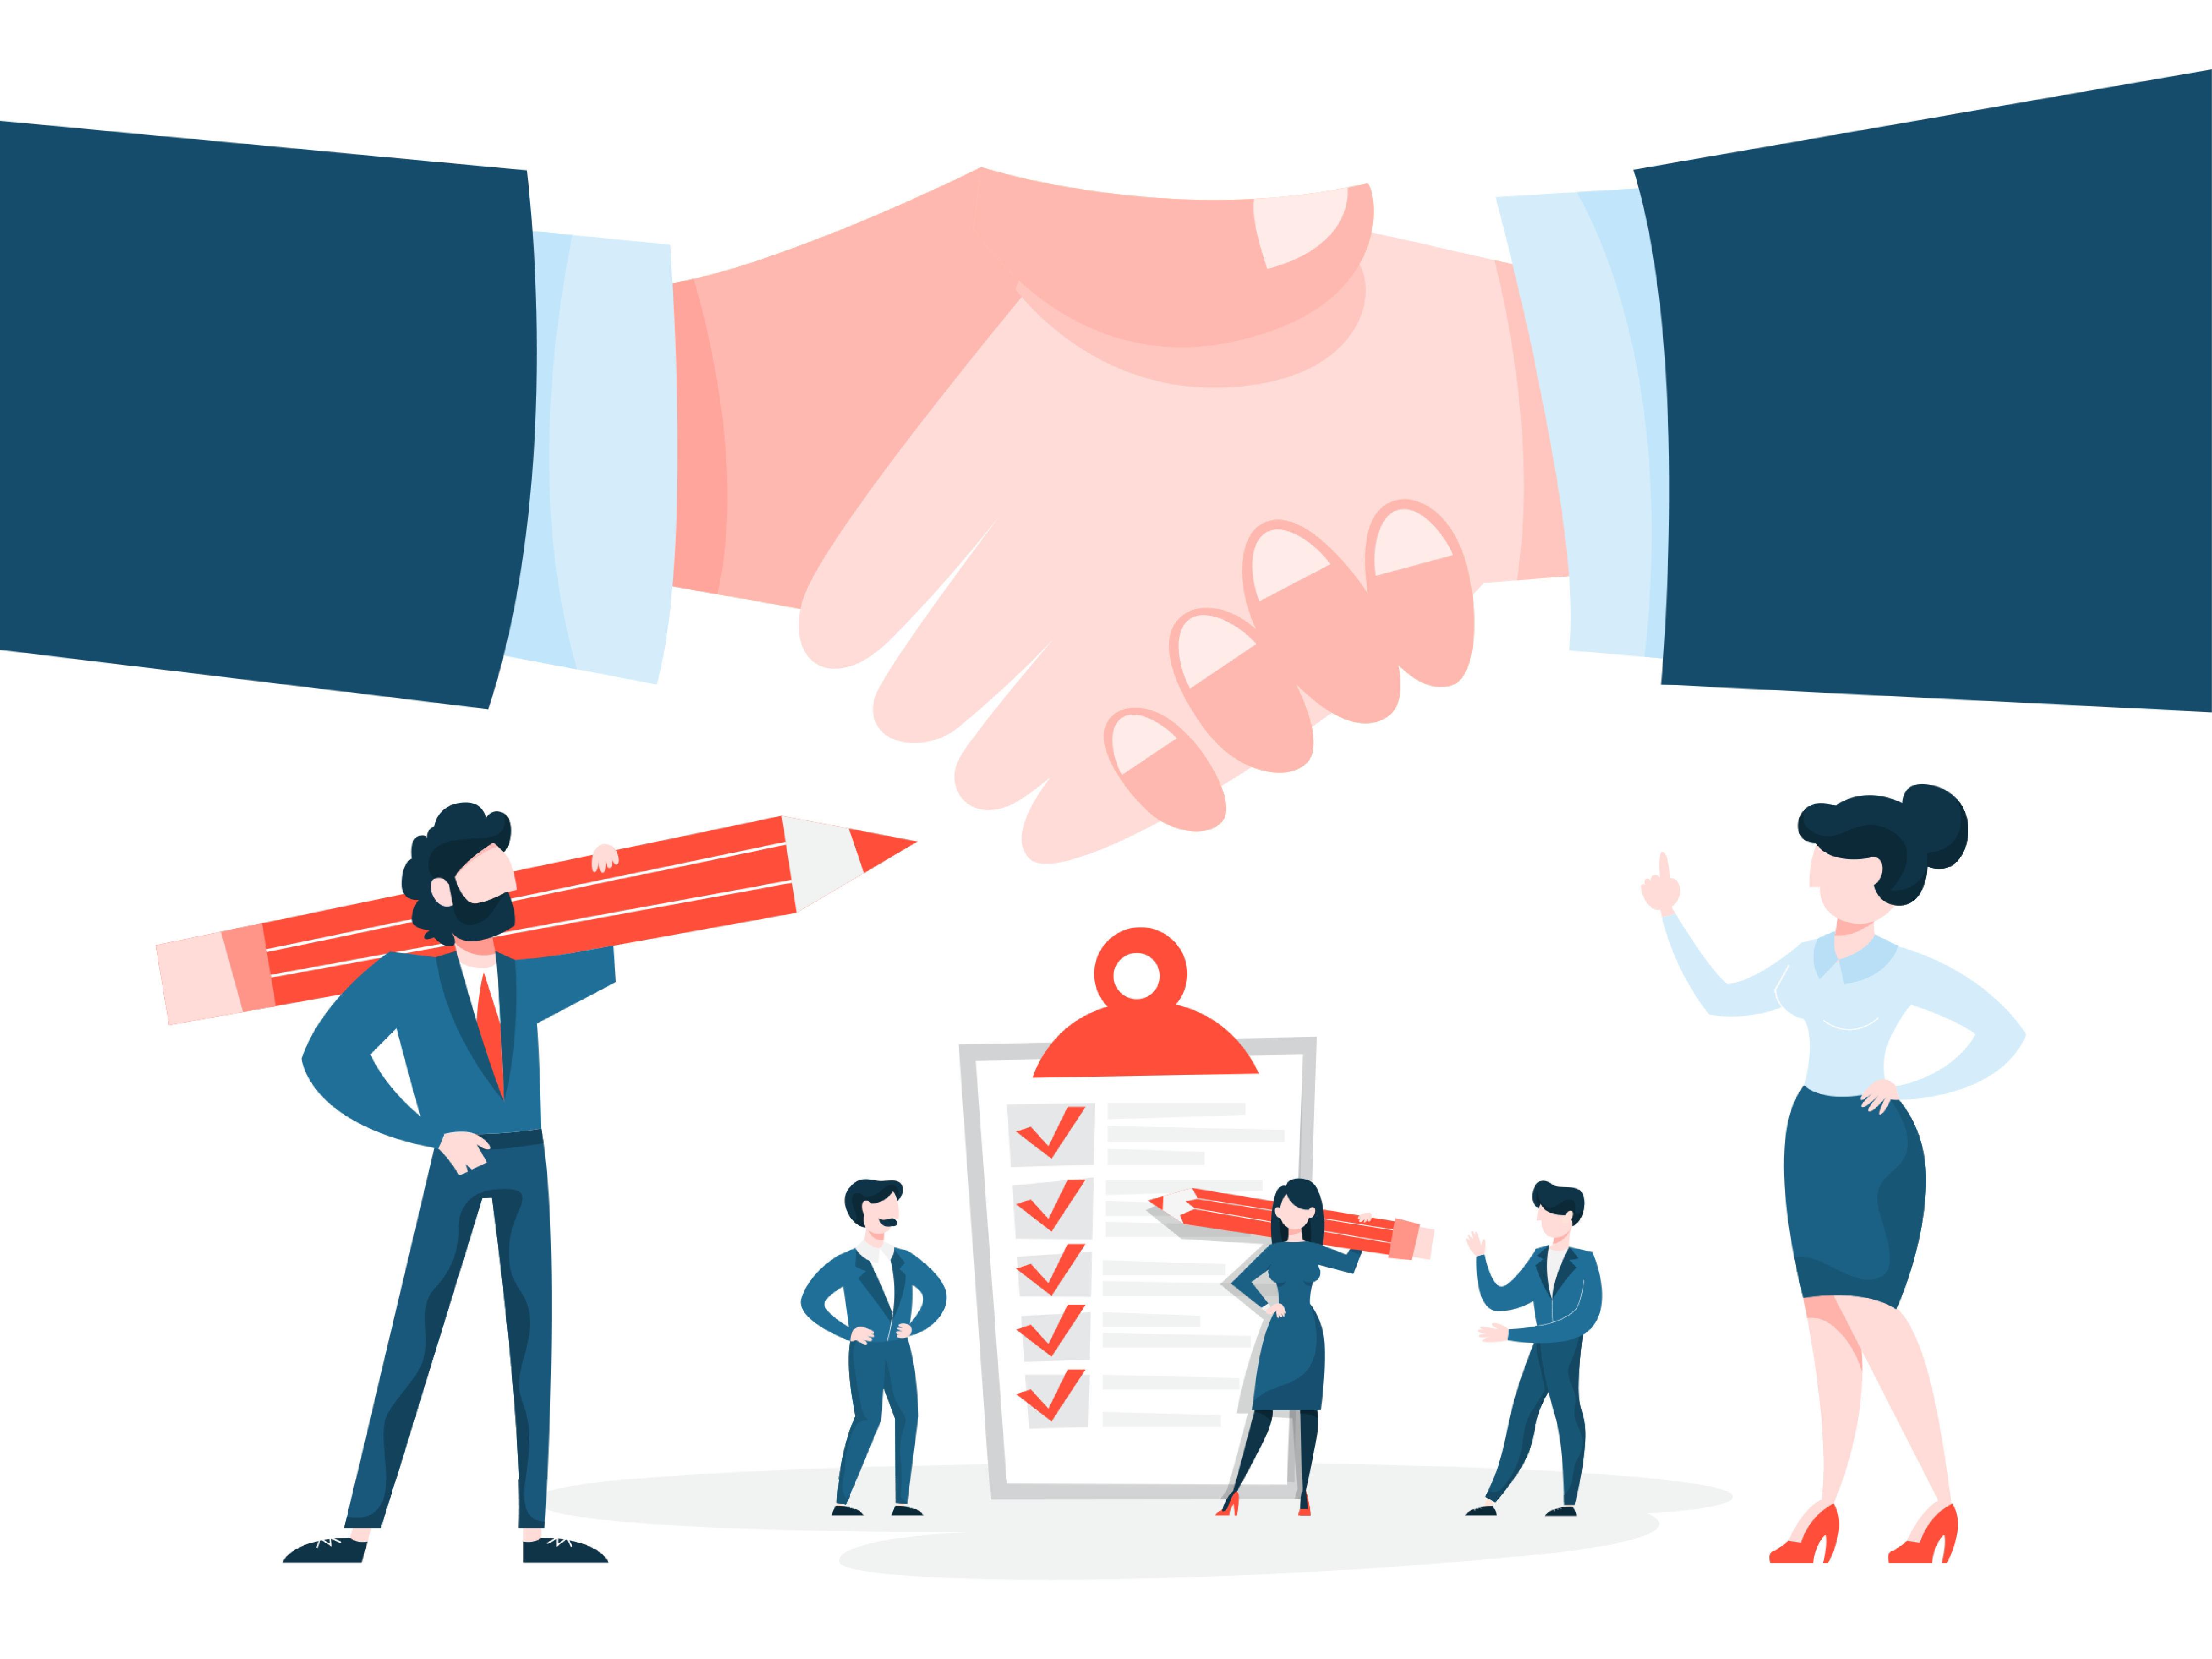 B2B Marketing - Flywheel Strategic stock image